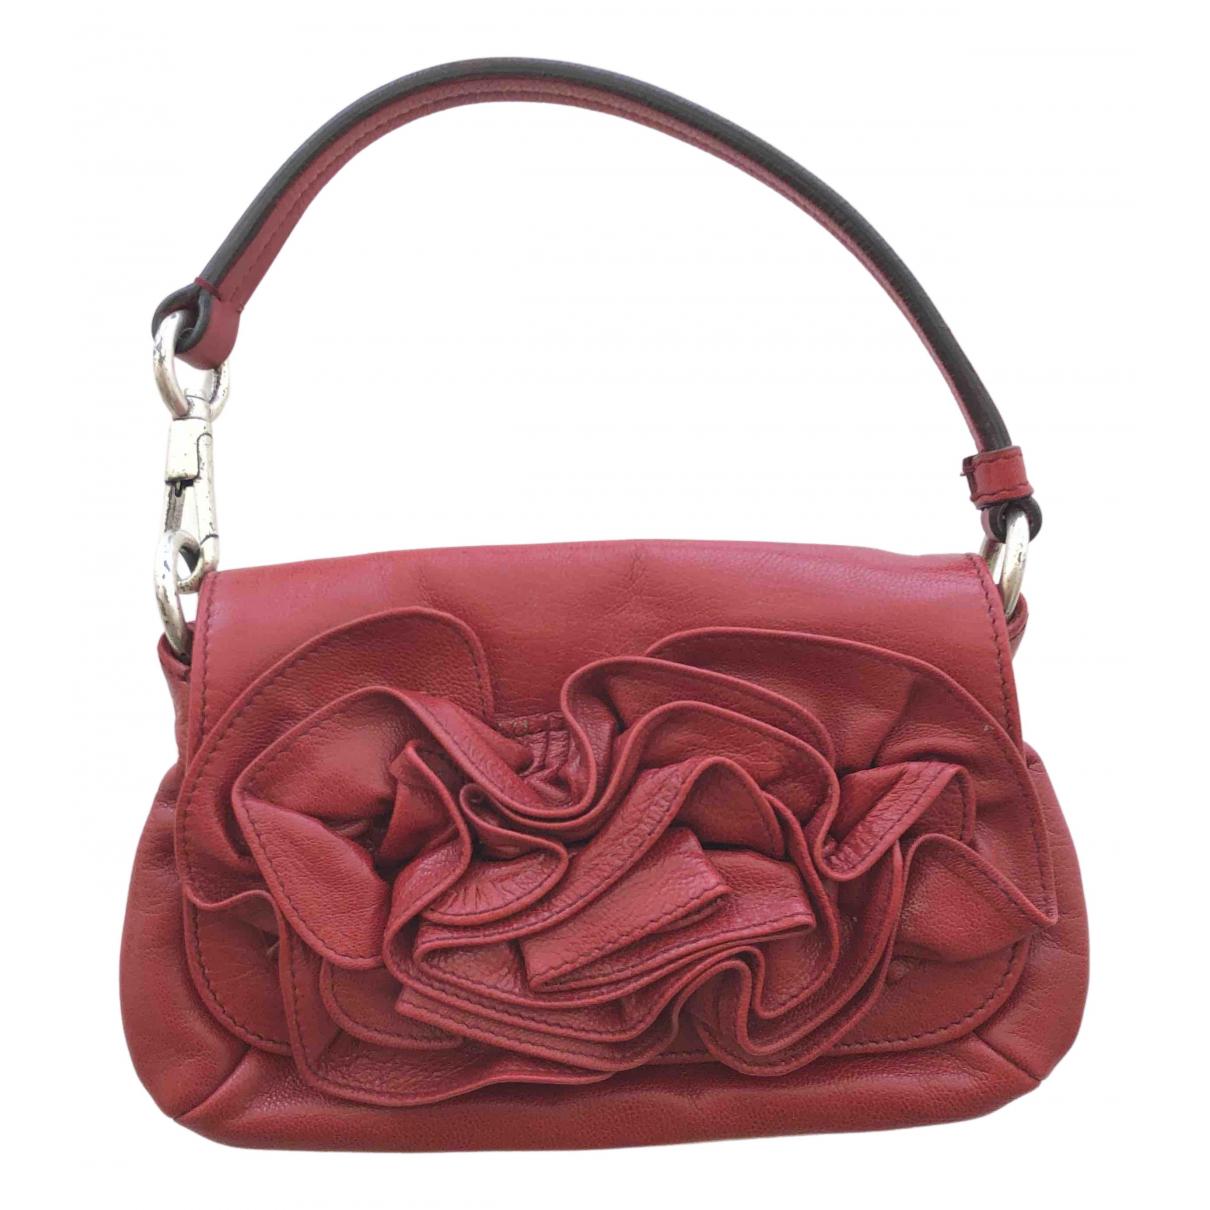 Yves Saint Laurent \N Red Leather handbag for Women \N